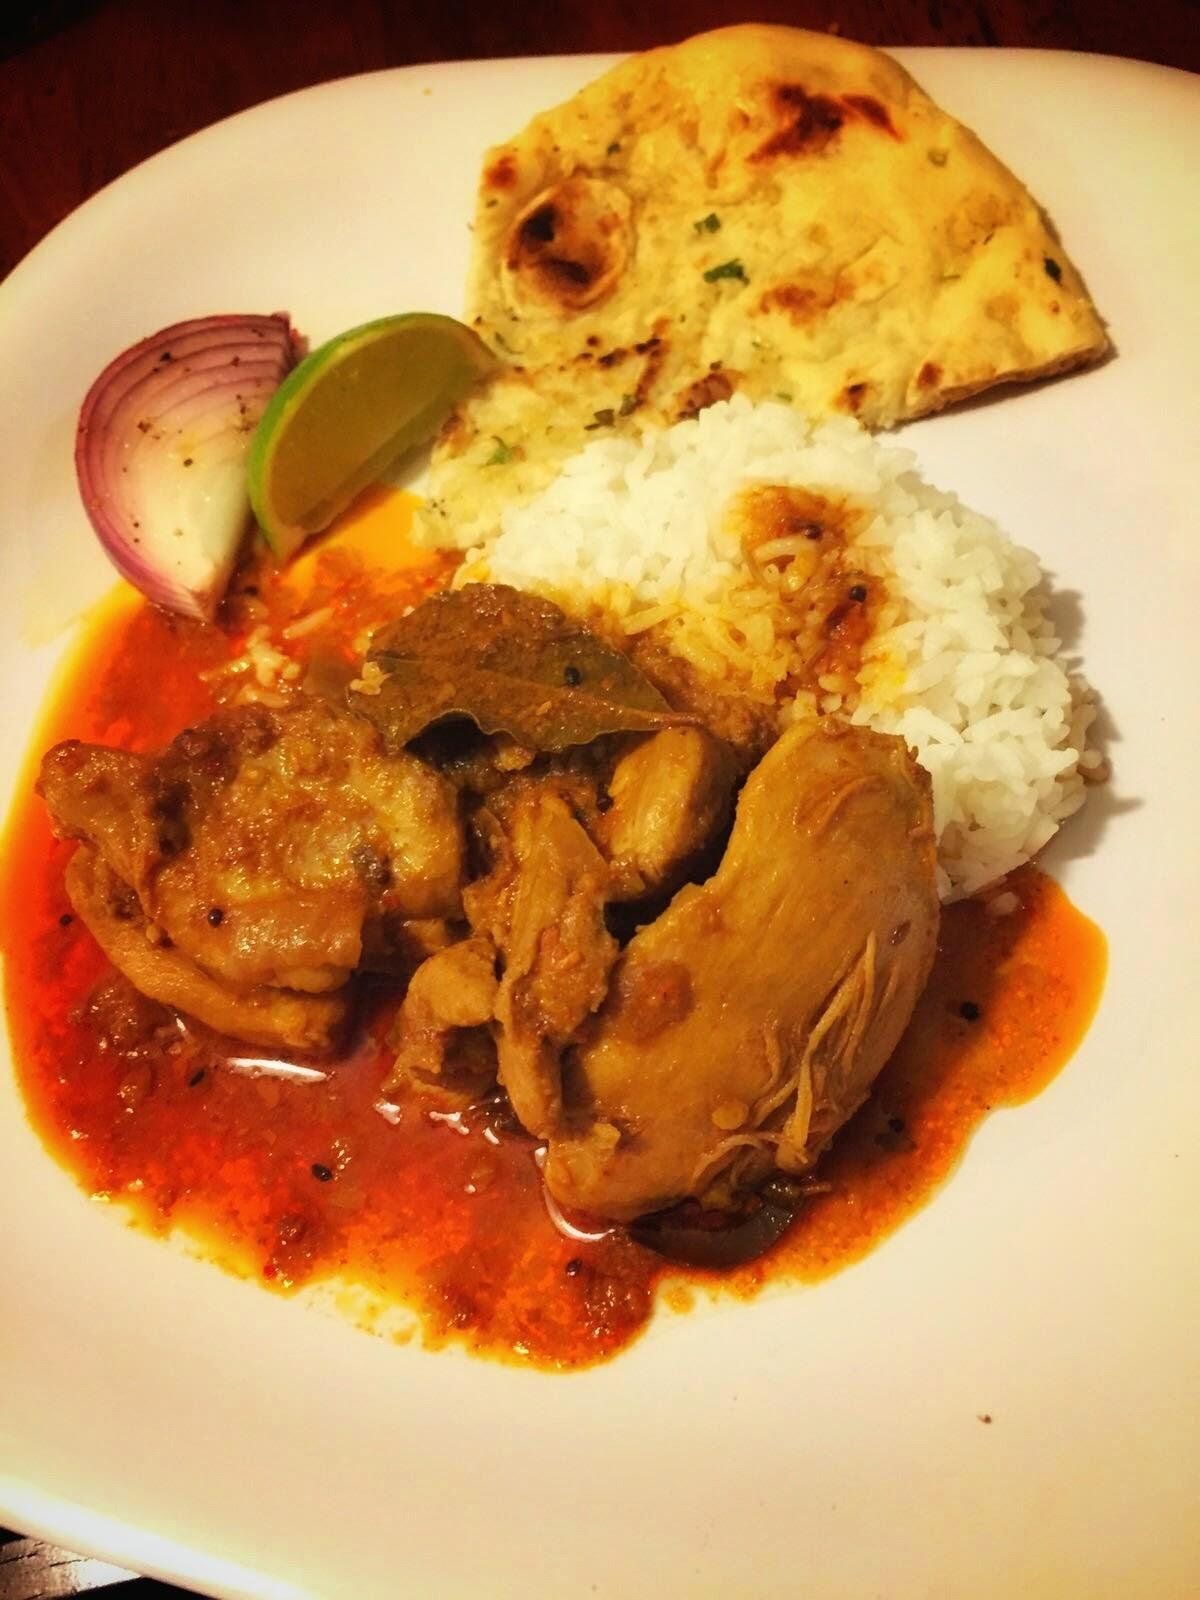 ankitha-gadag-achari-chicken-curry-meal